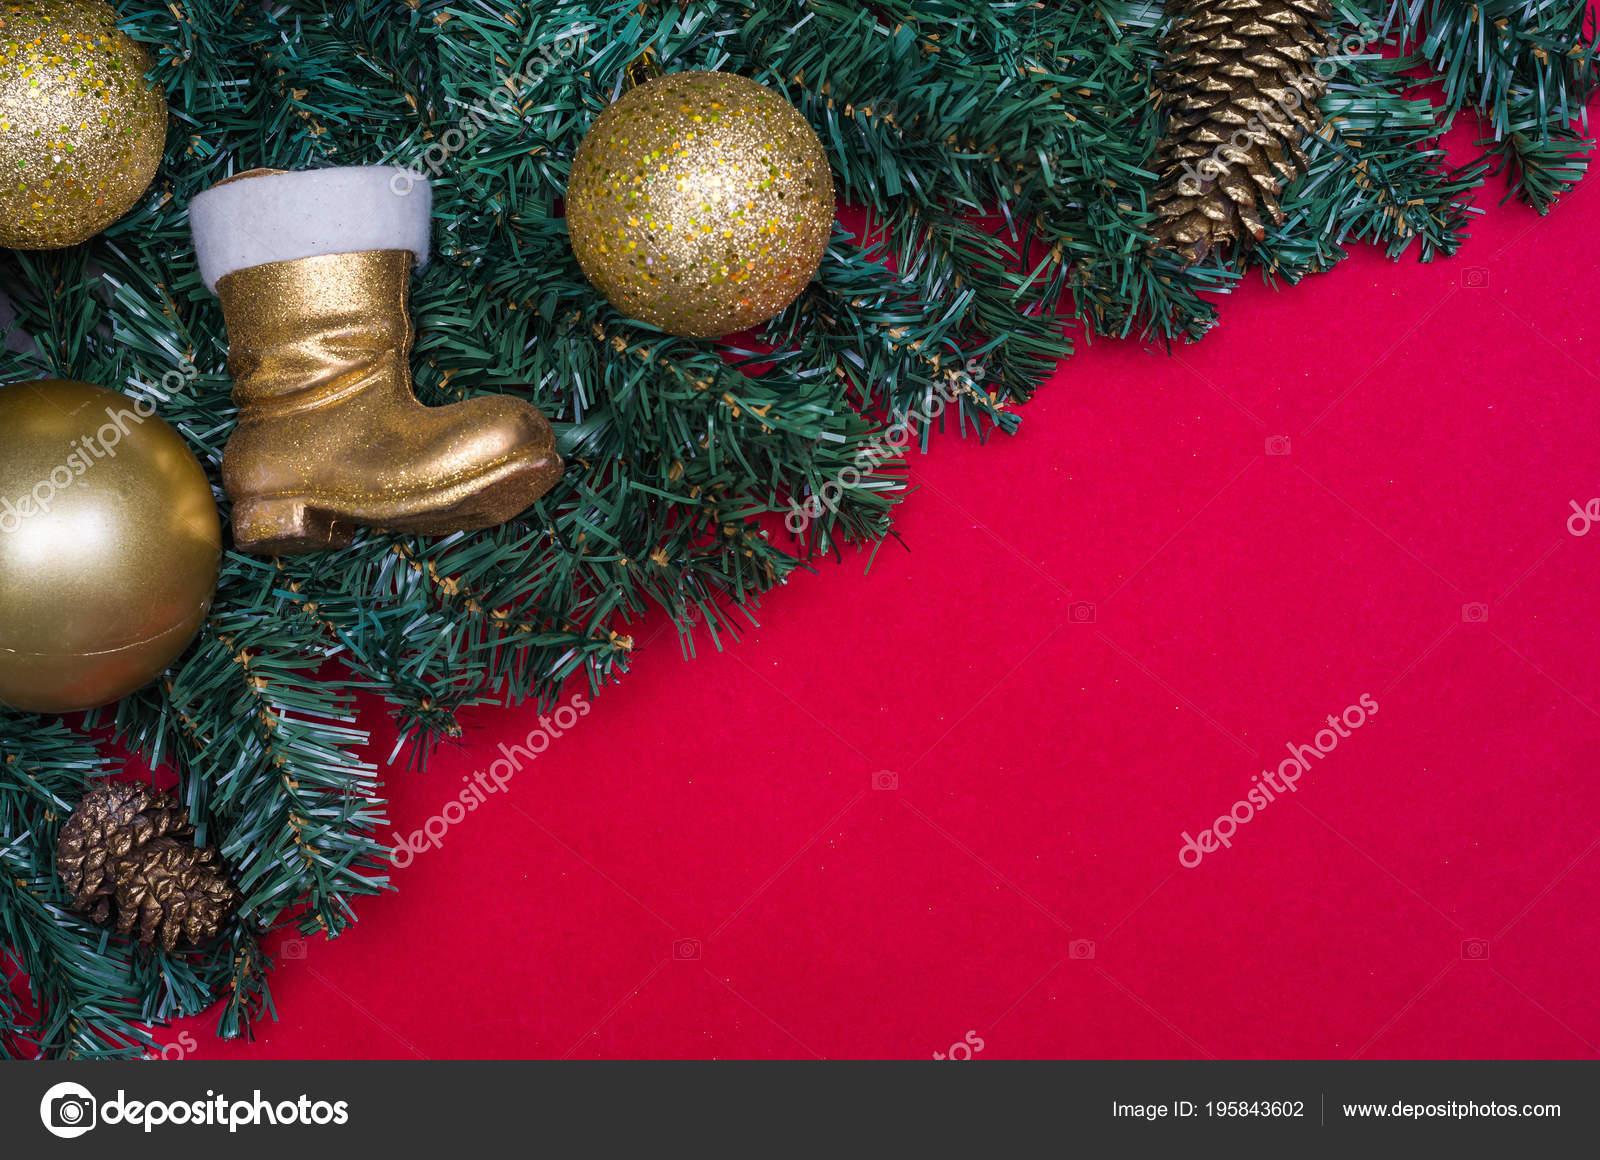 Textura Con Tema Navidad Con Hojas Color Verde Objetos Decorativos ...